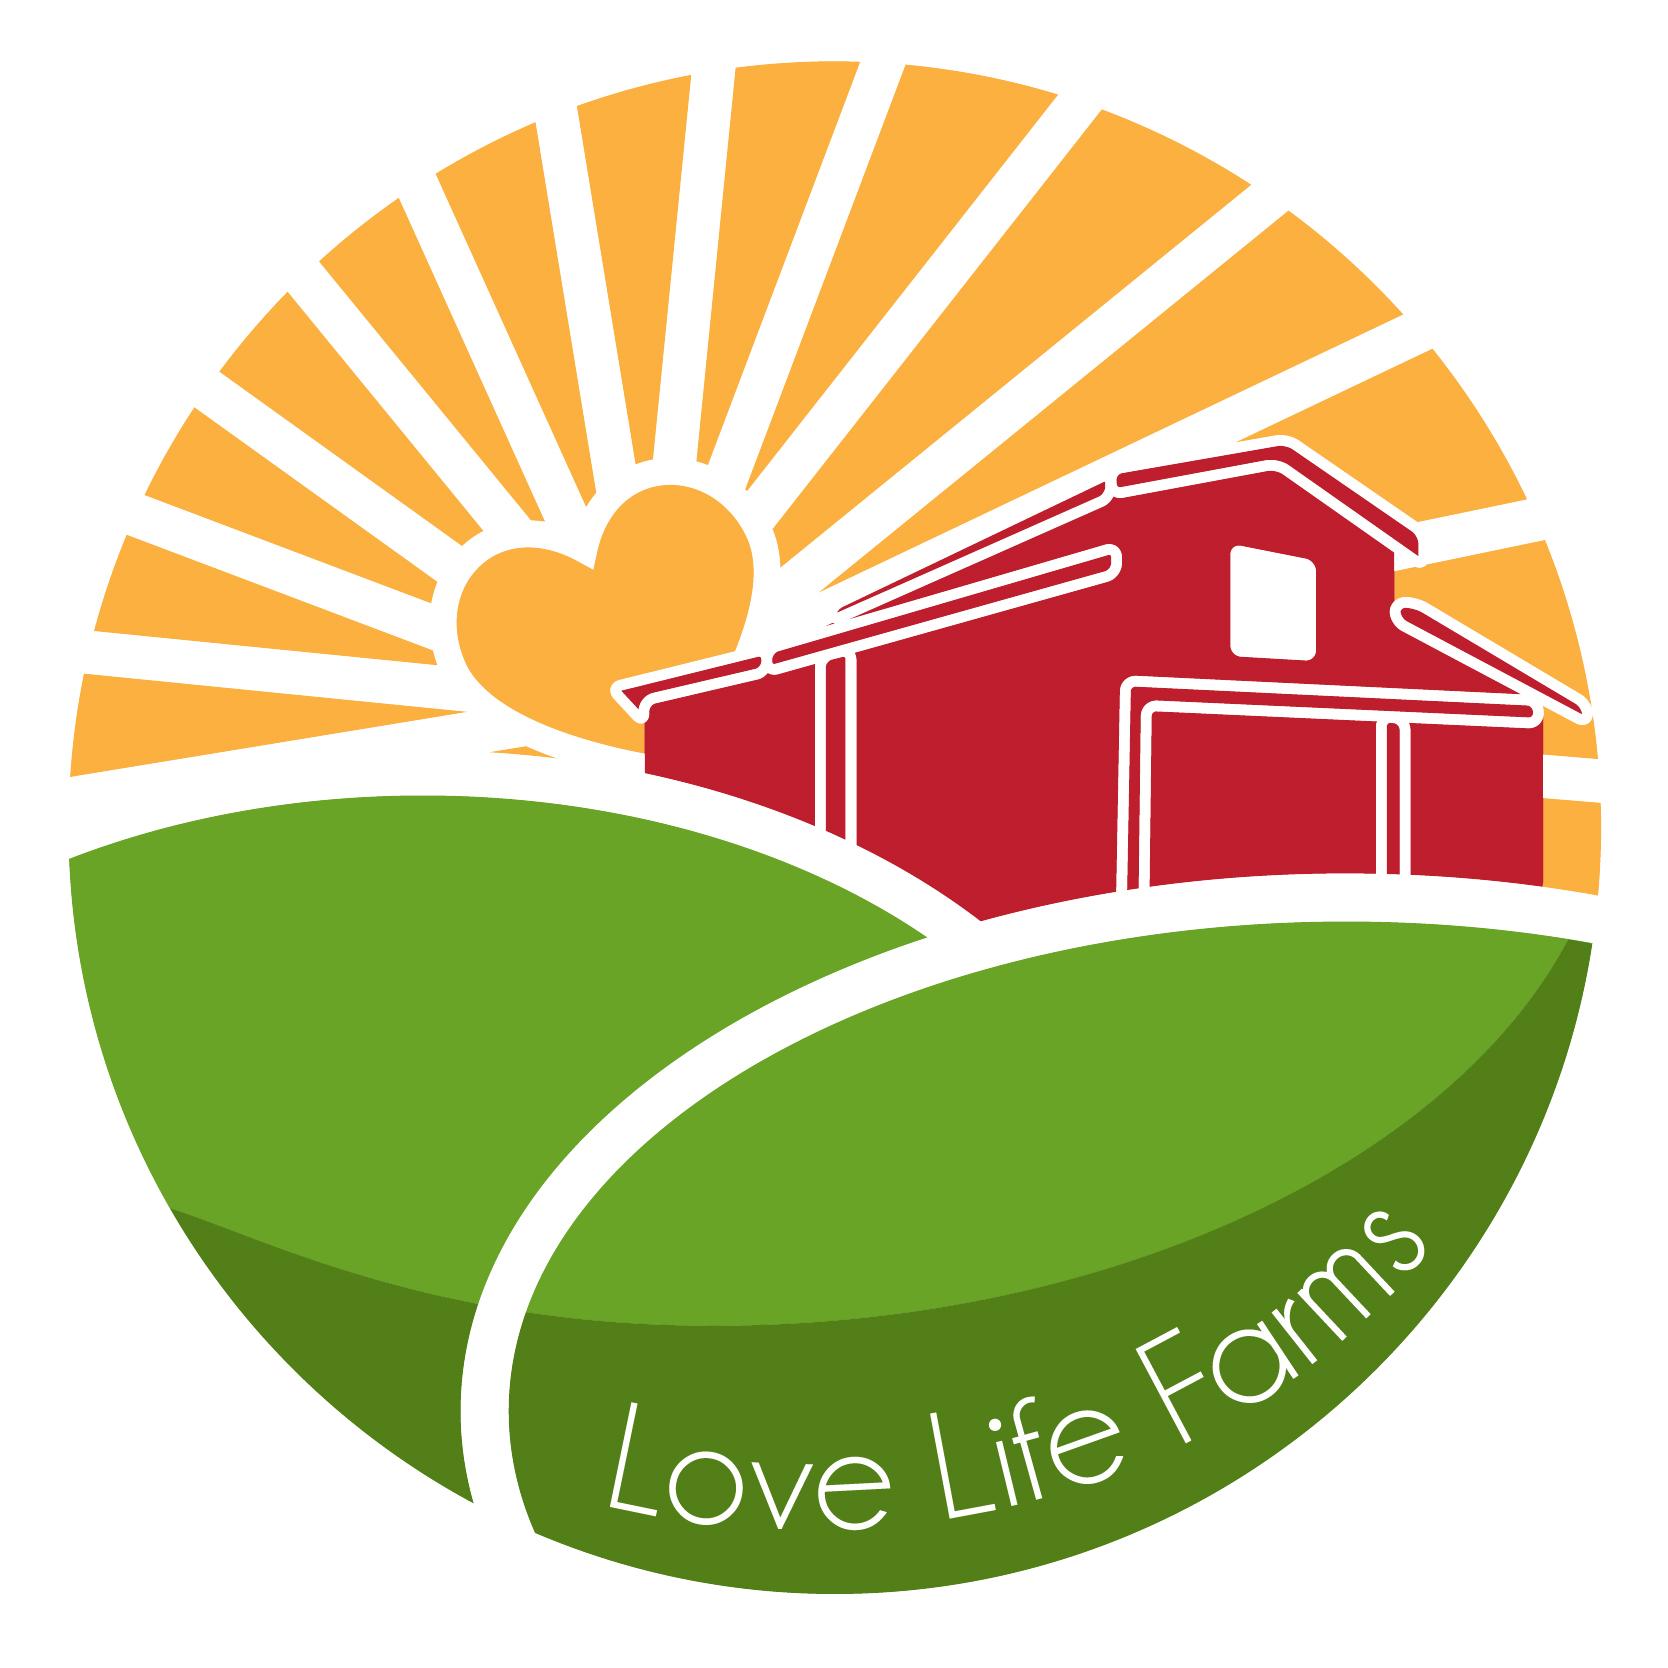 Love Life Farms